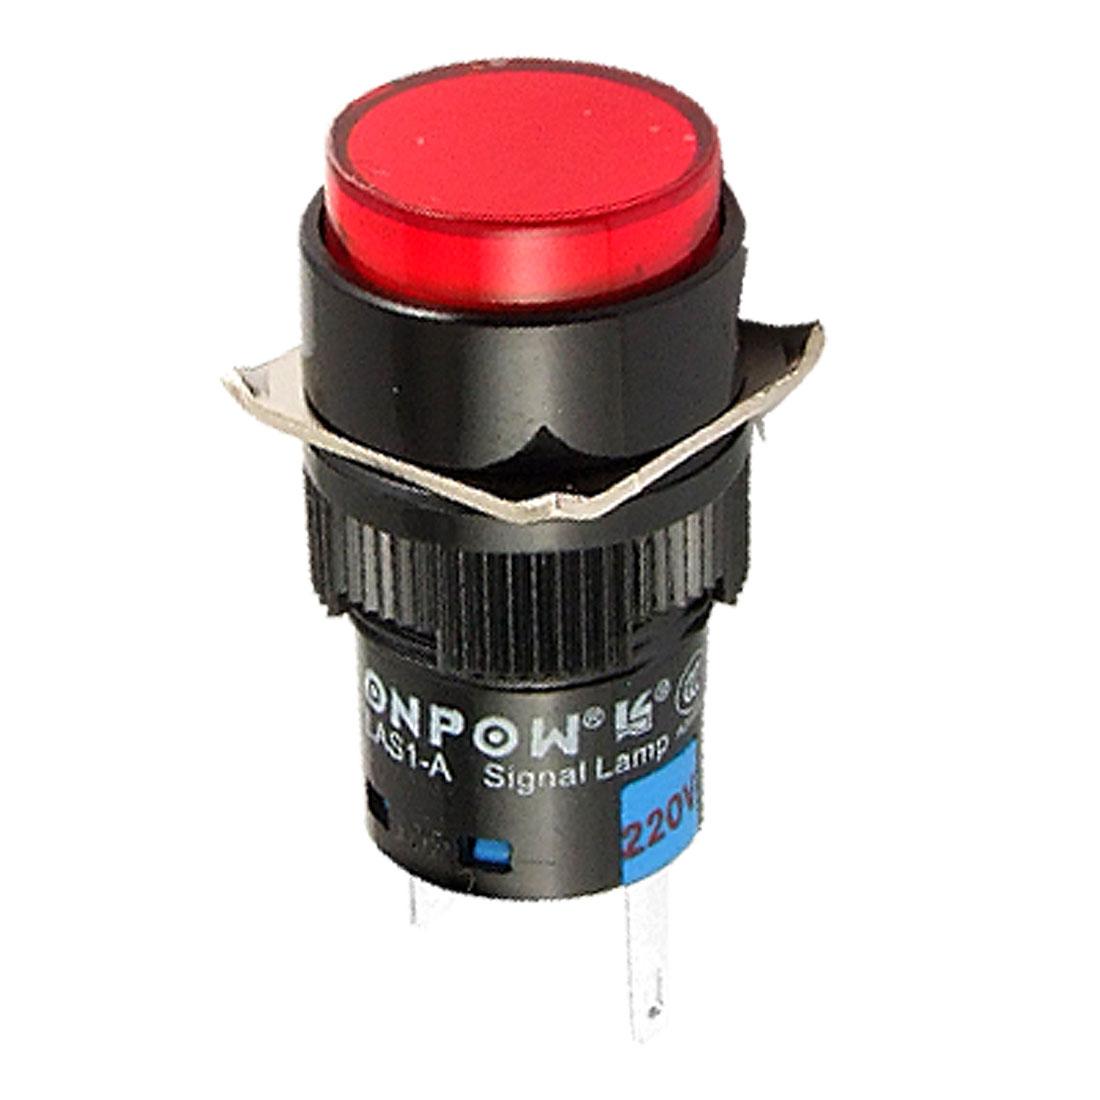 2 Pin Red LED Indicator Pilot Signal Light DC 24V